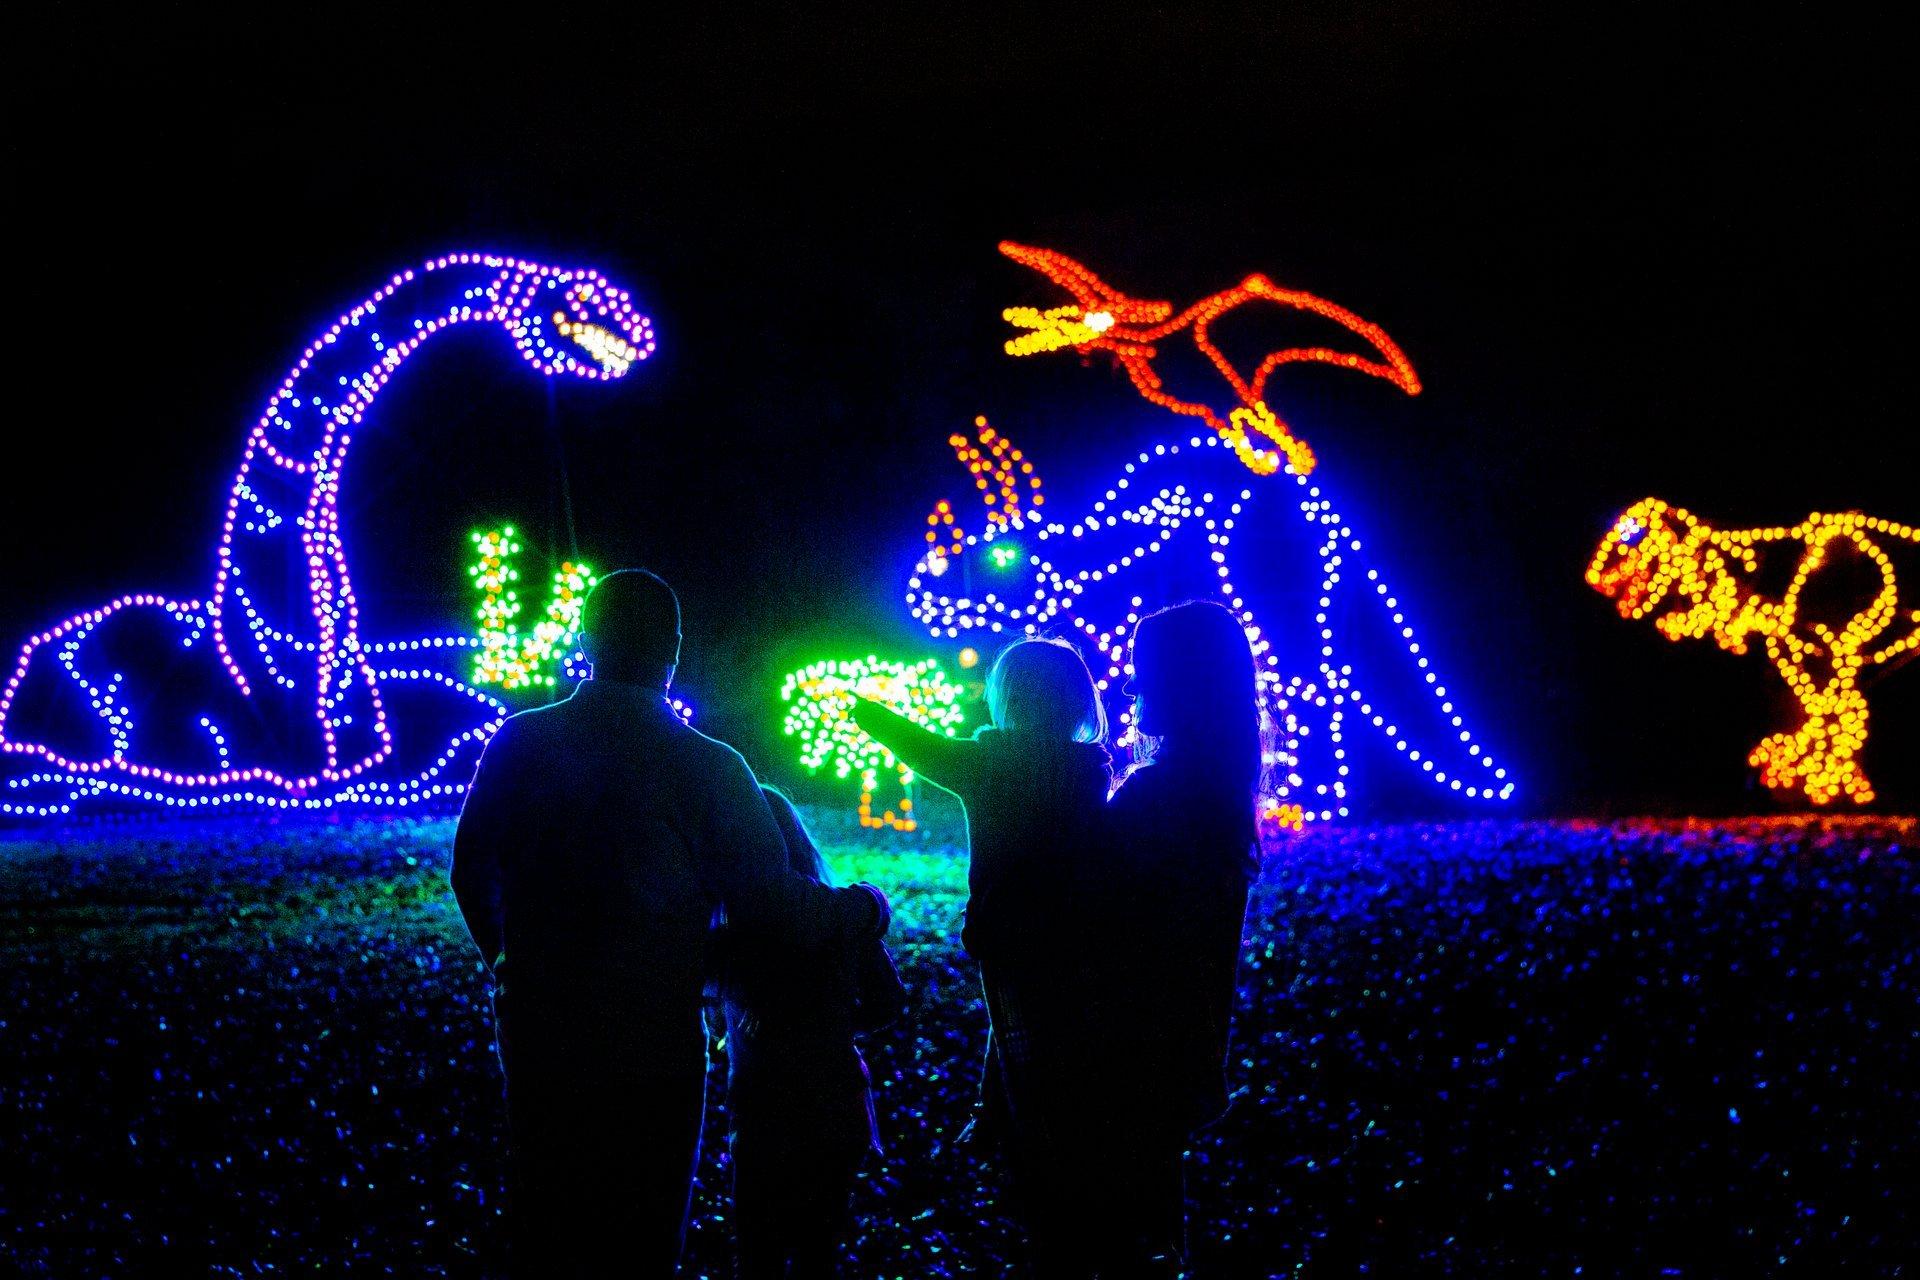 Where Are The Oglebay Christmas Lights 2020 Oglebay Winter Festival of Lights 2020 2021 in West Virginia   Dates